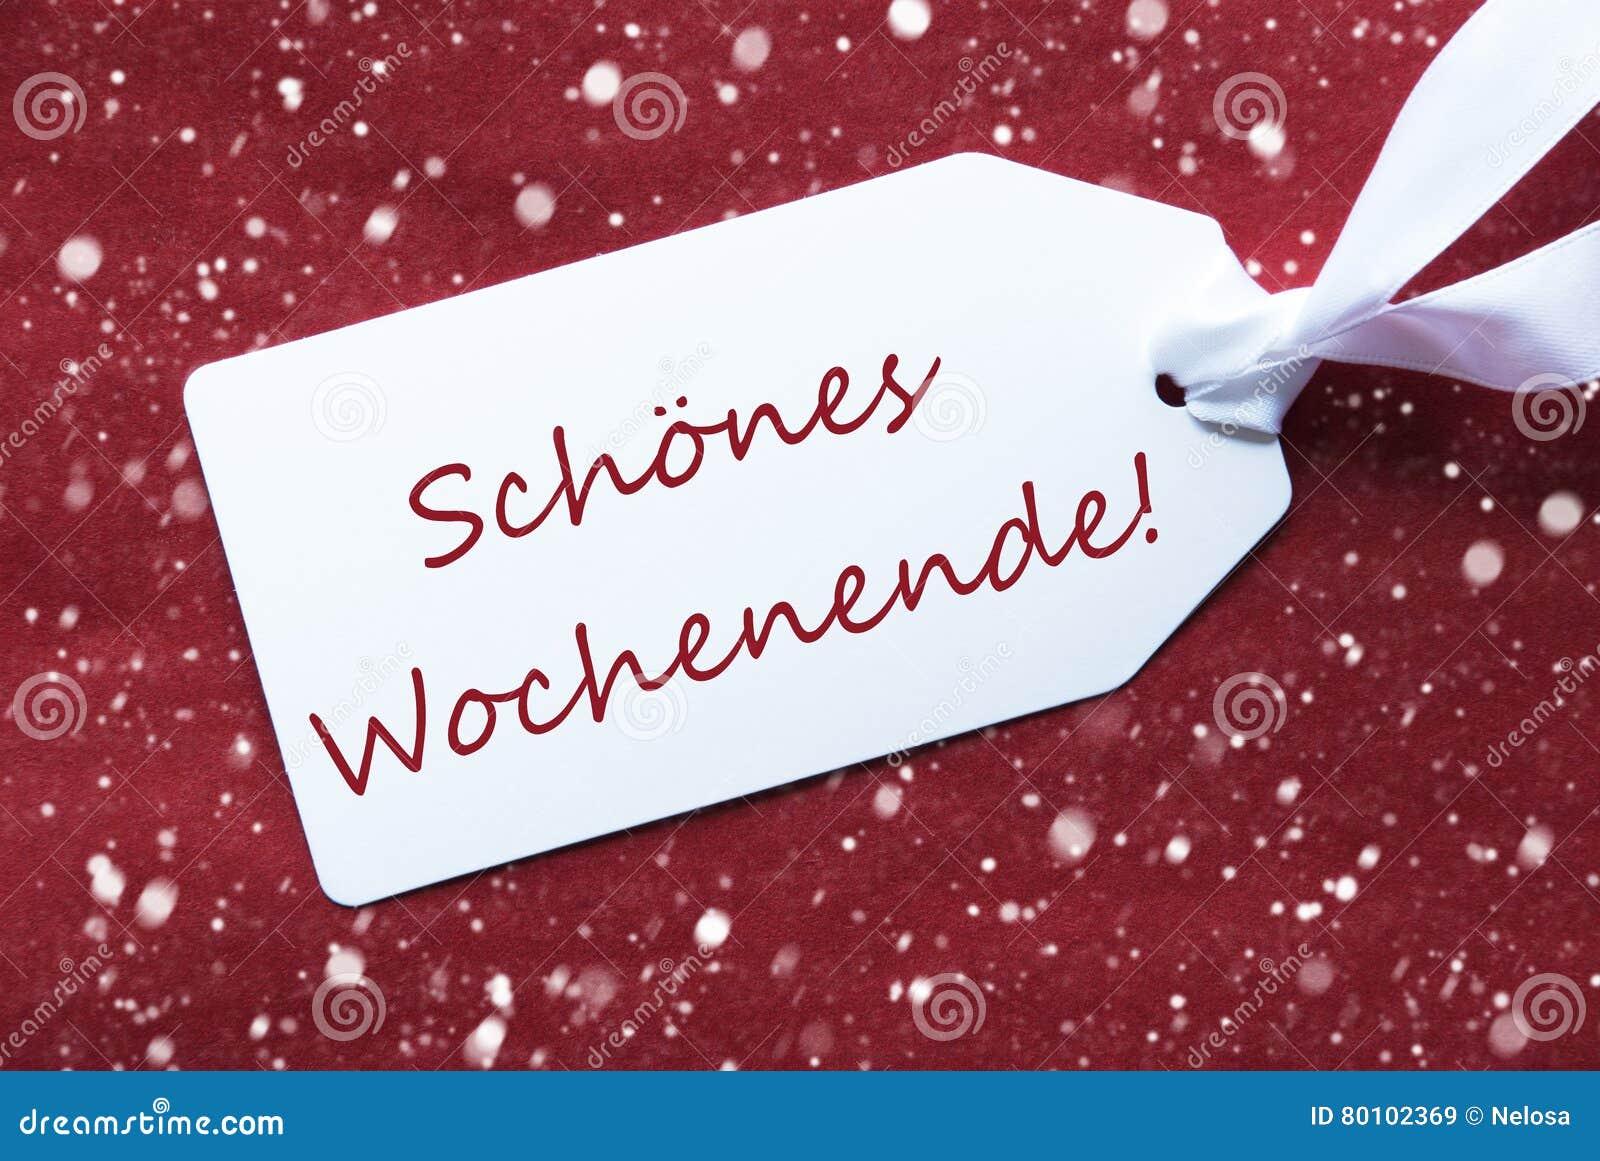 在红色背景,雪花, Schoenes Wochenende的标签意味愉快的周末